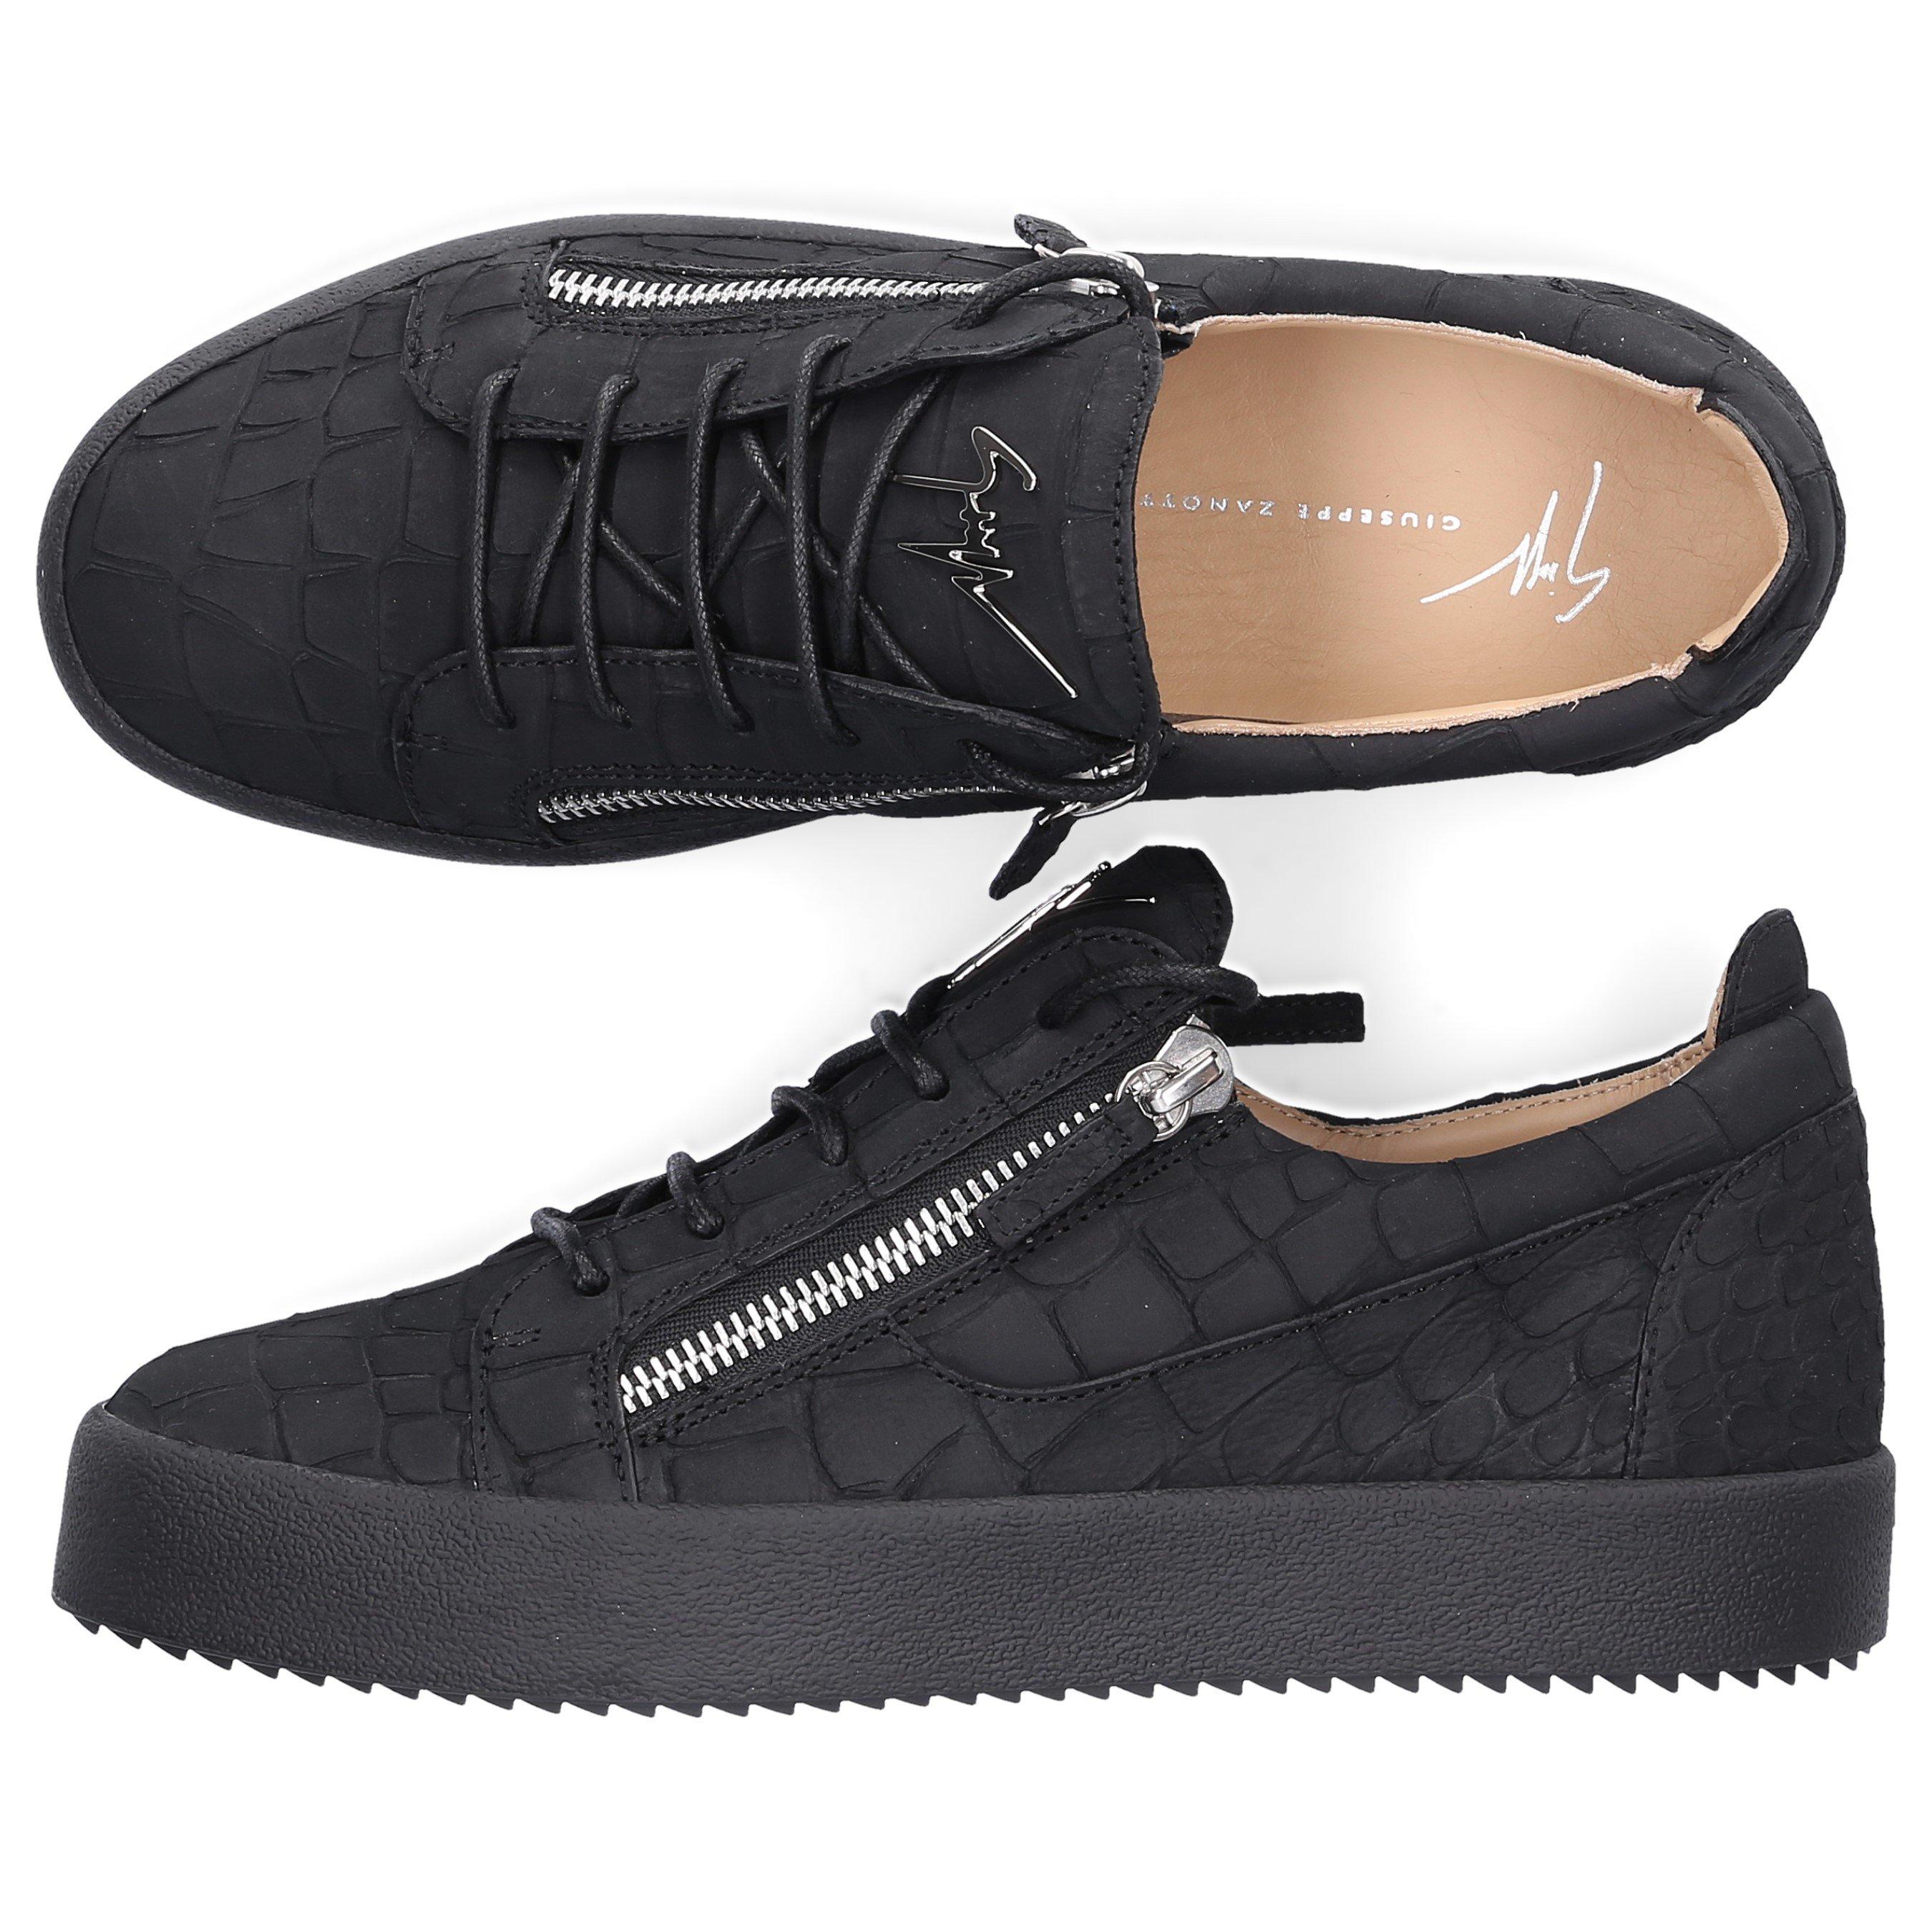 Giuseppe Zanotti Sneakers Black Frankie